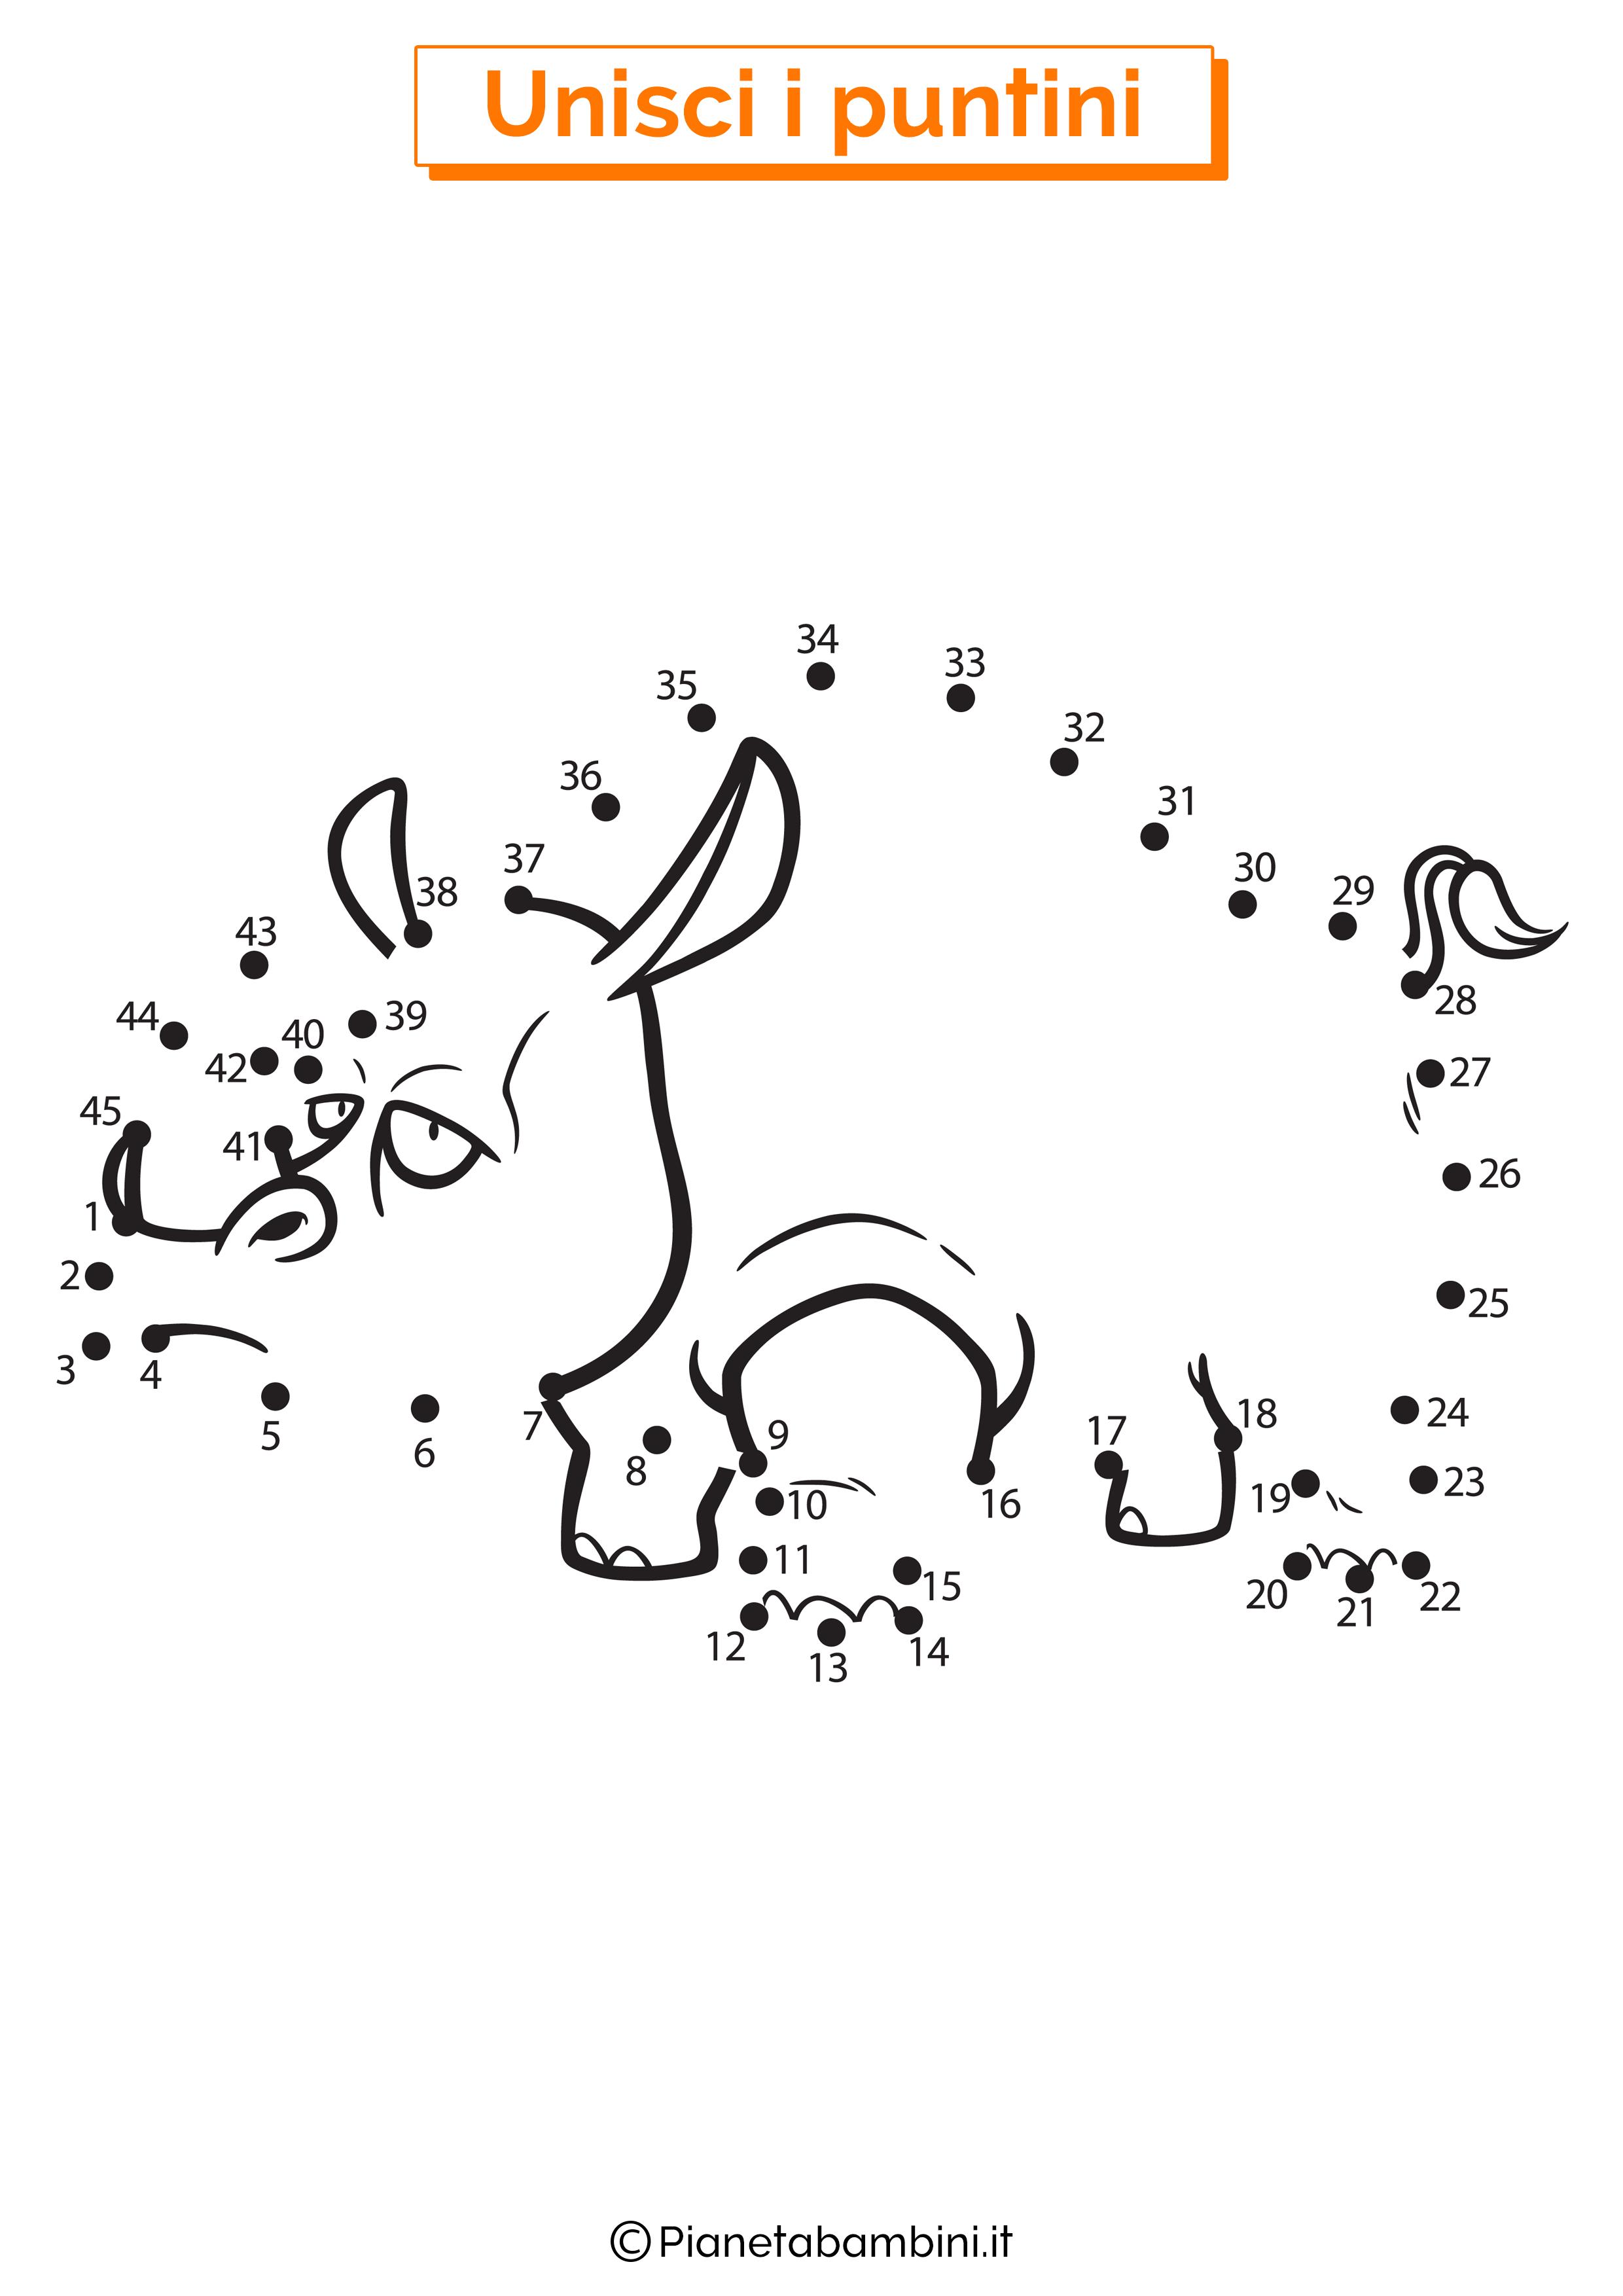 Disegno unisci i puntini da 1 a 50 rinoceronte